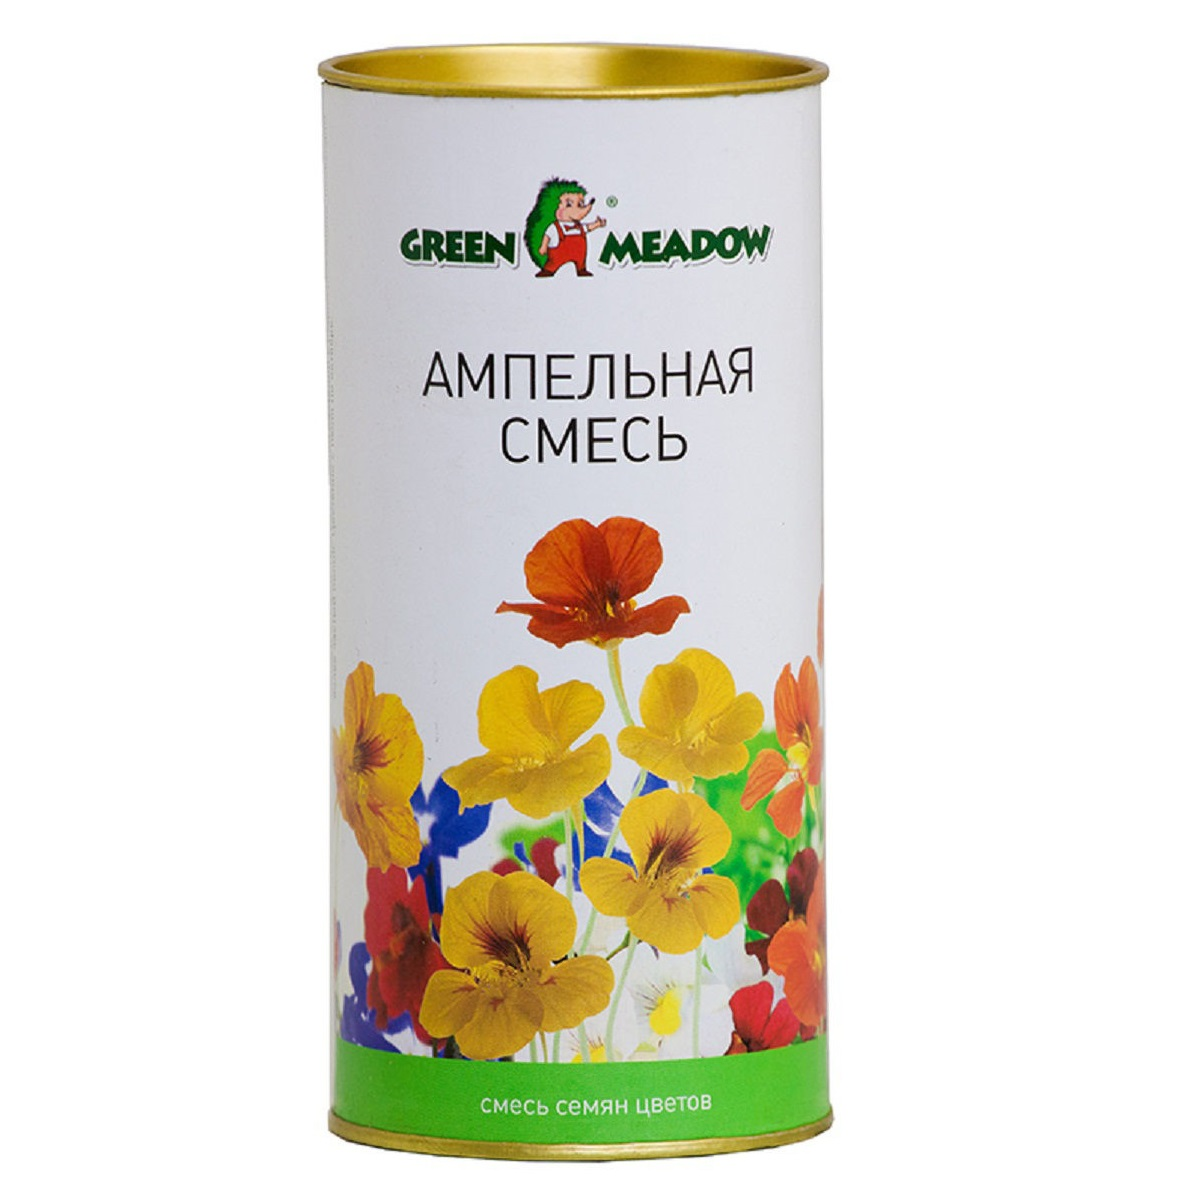 Смесь цветов Green Meadow ампельная 0.05 кг